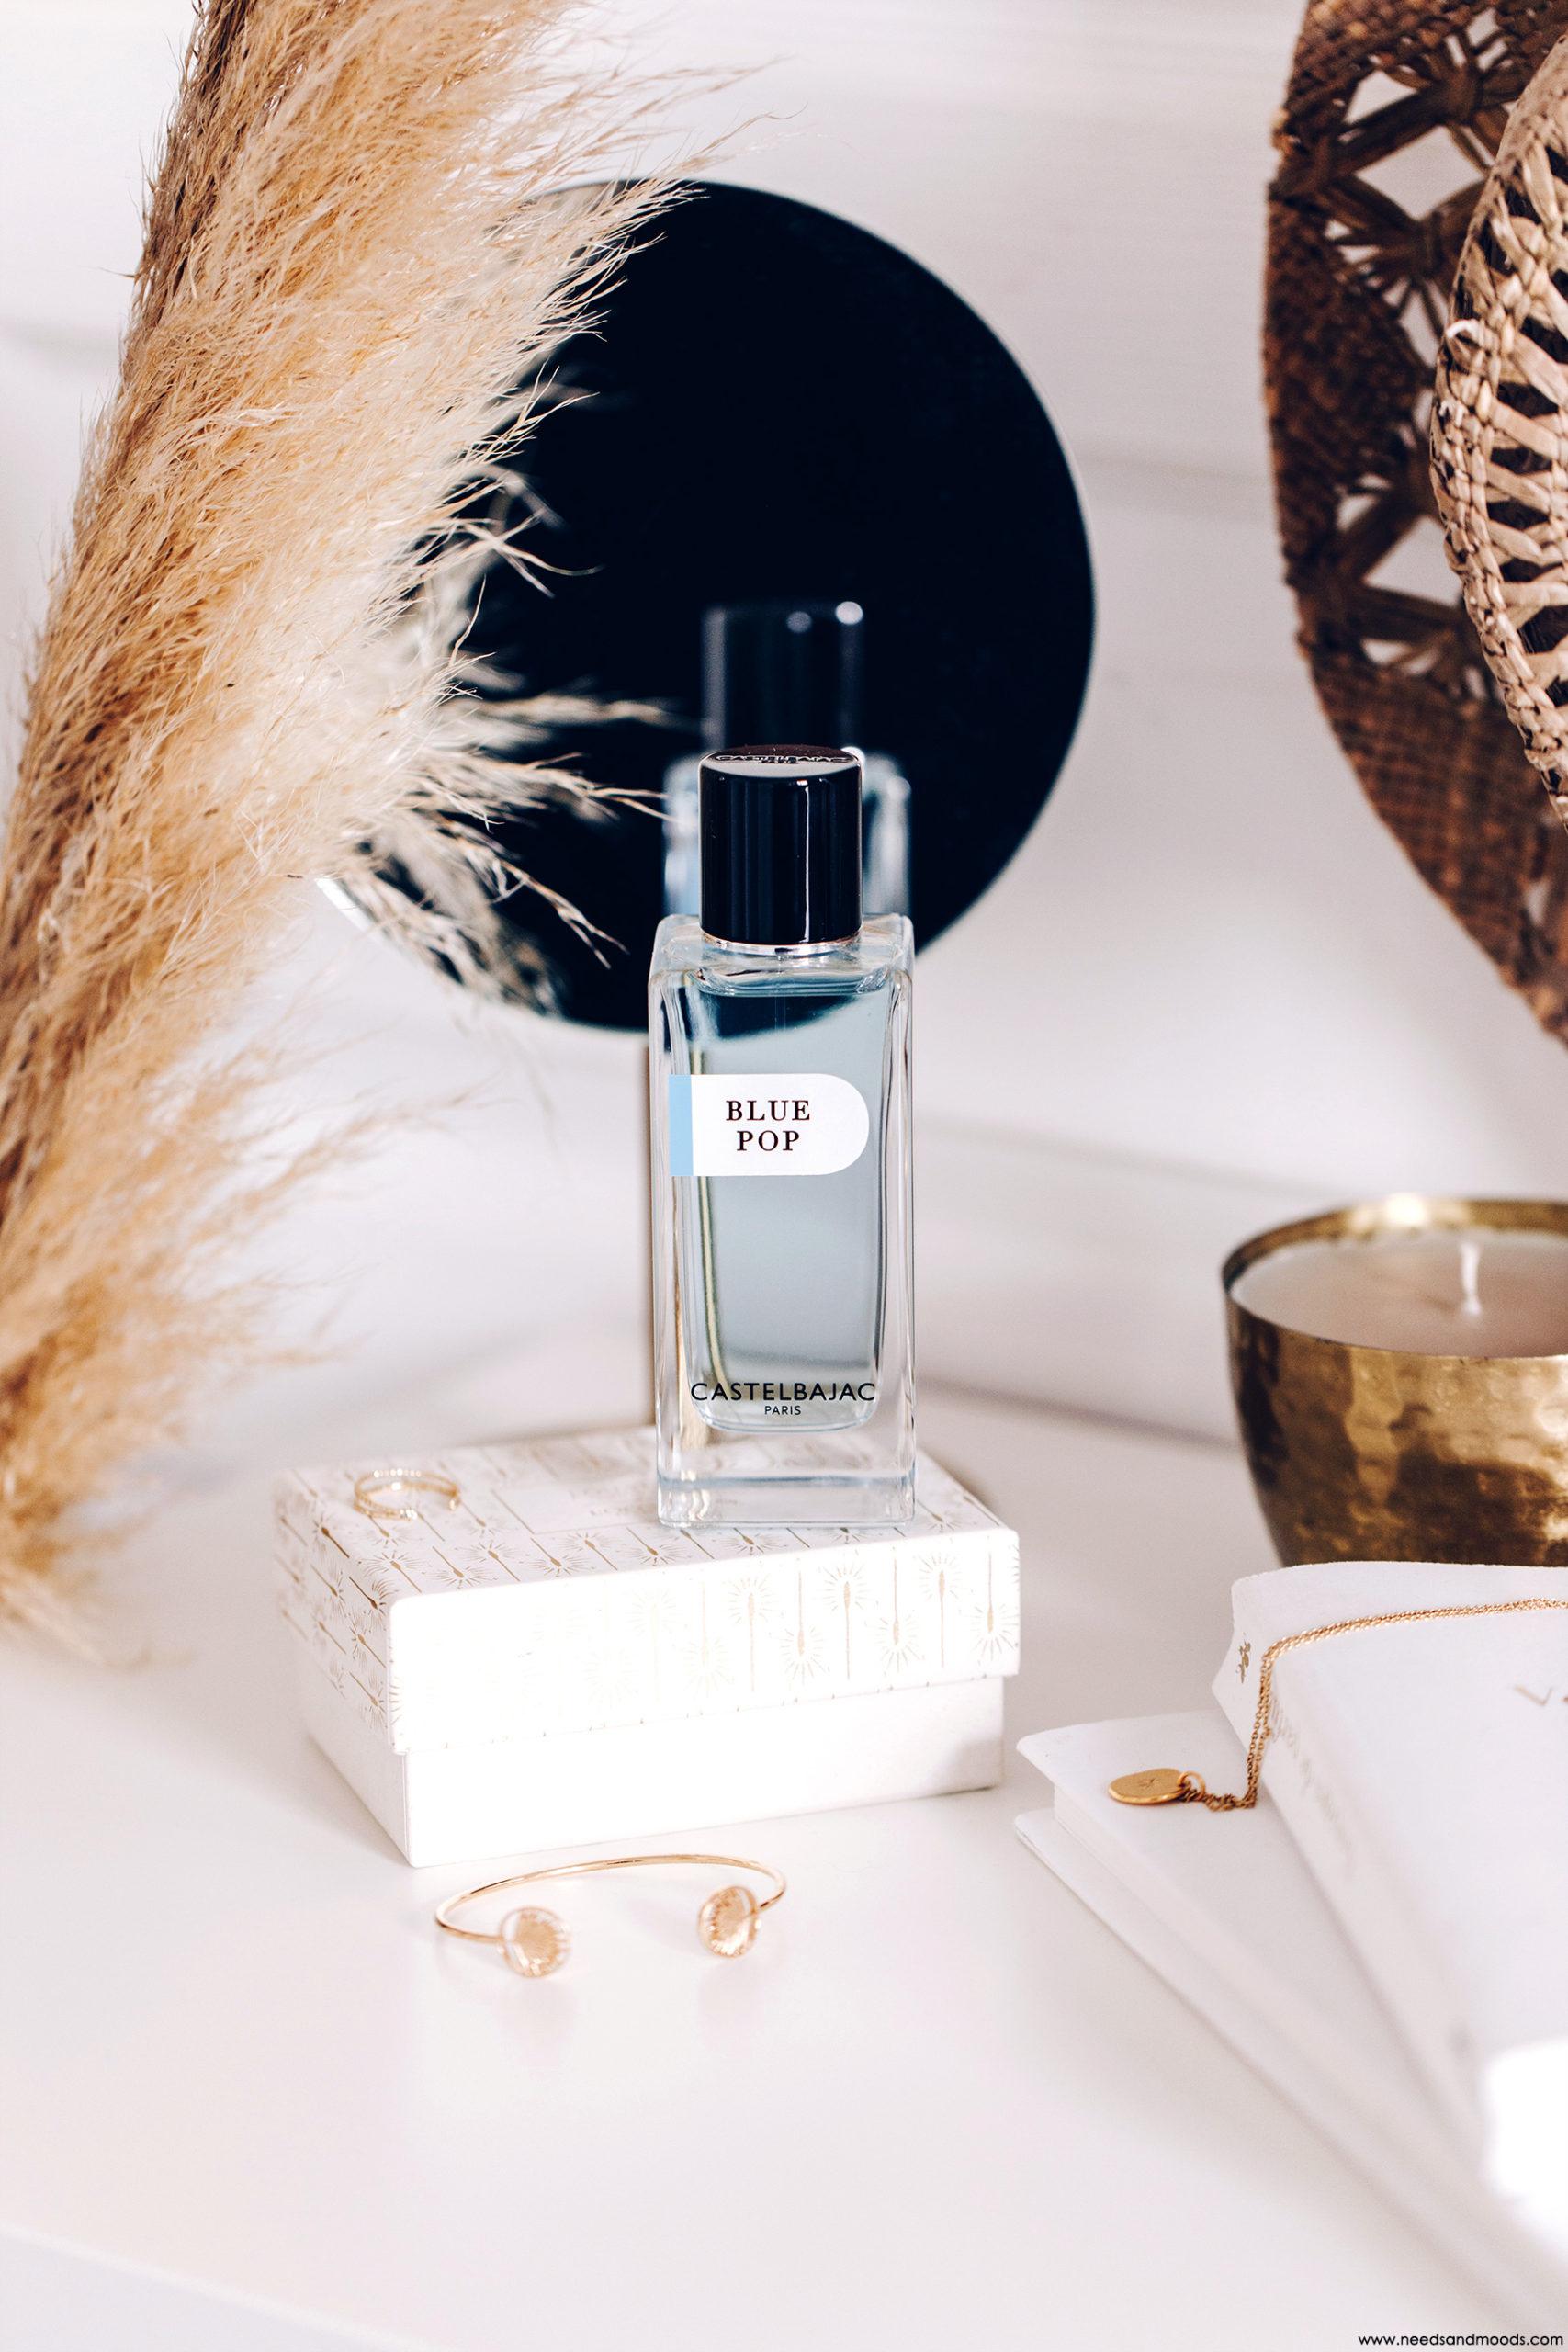 castelbajac parfum blue pop